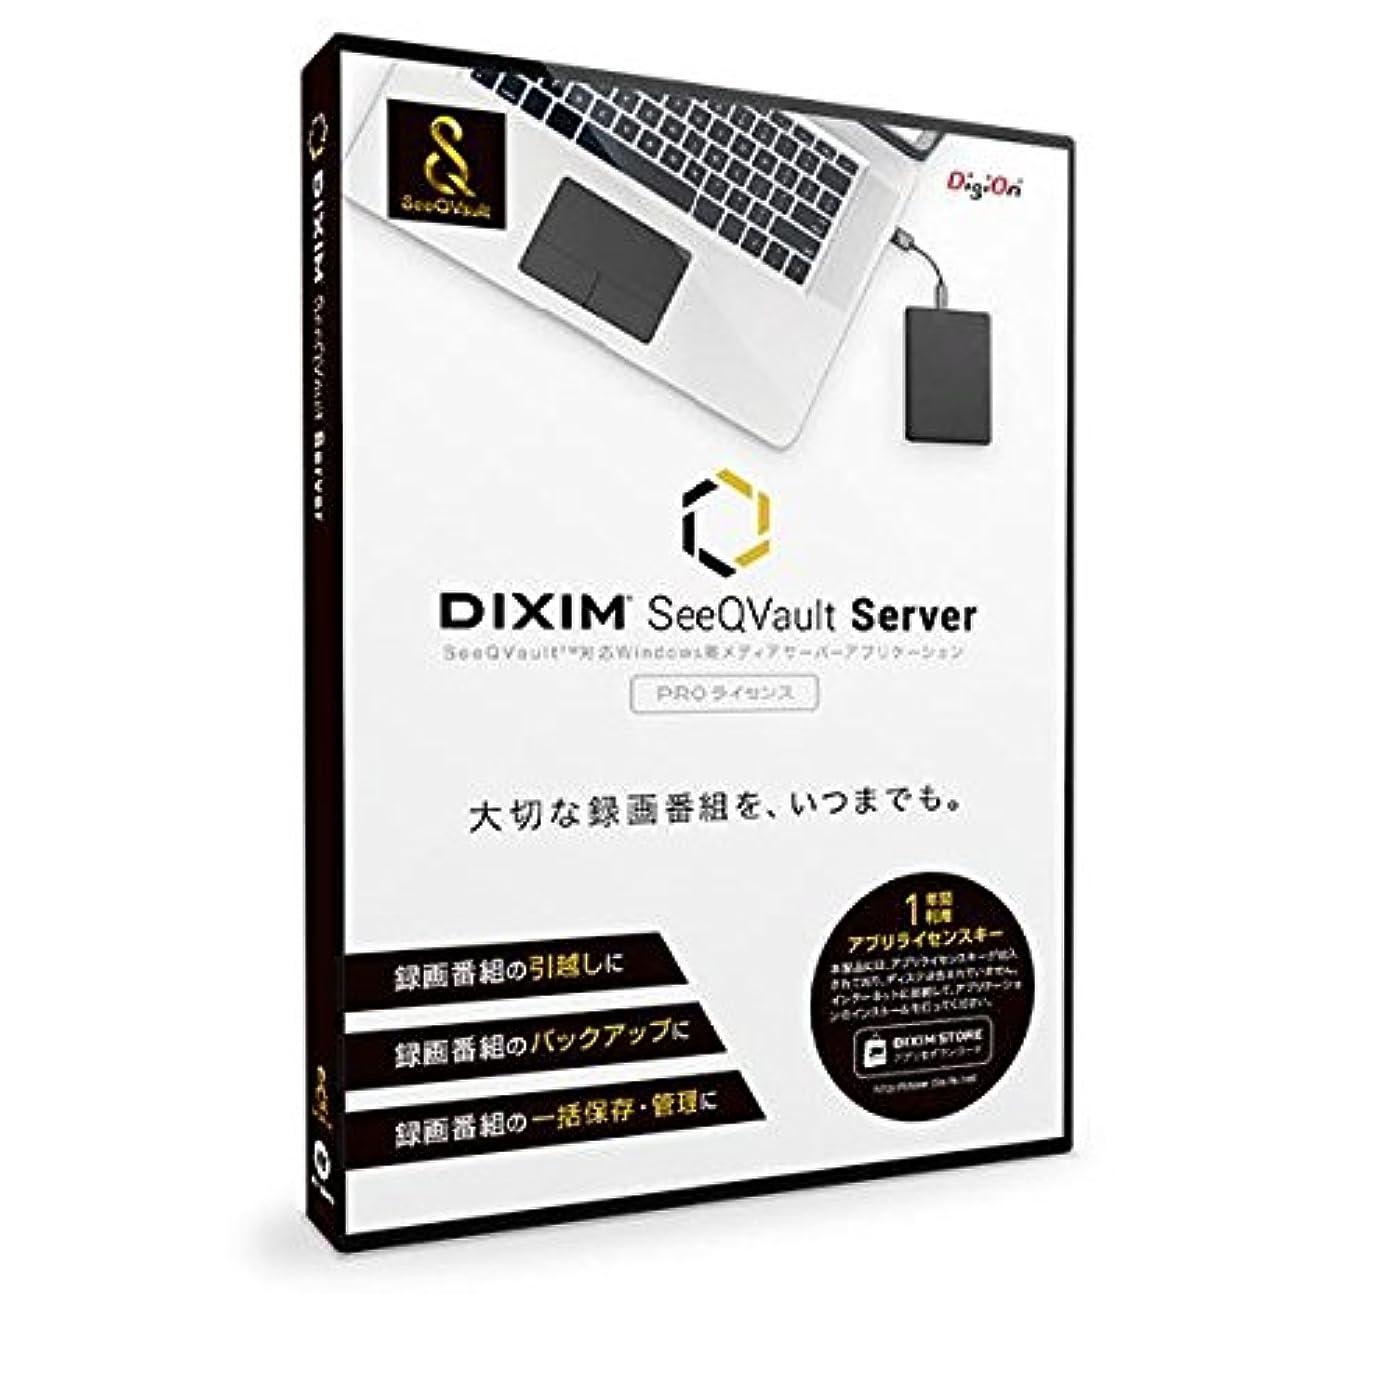 欠陥ミルク混合デジオン DiXiM SeeQVault Server Pro